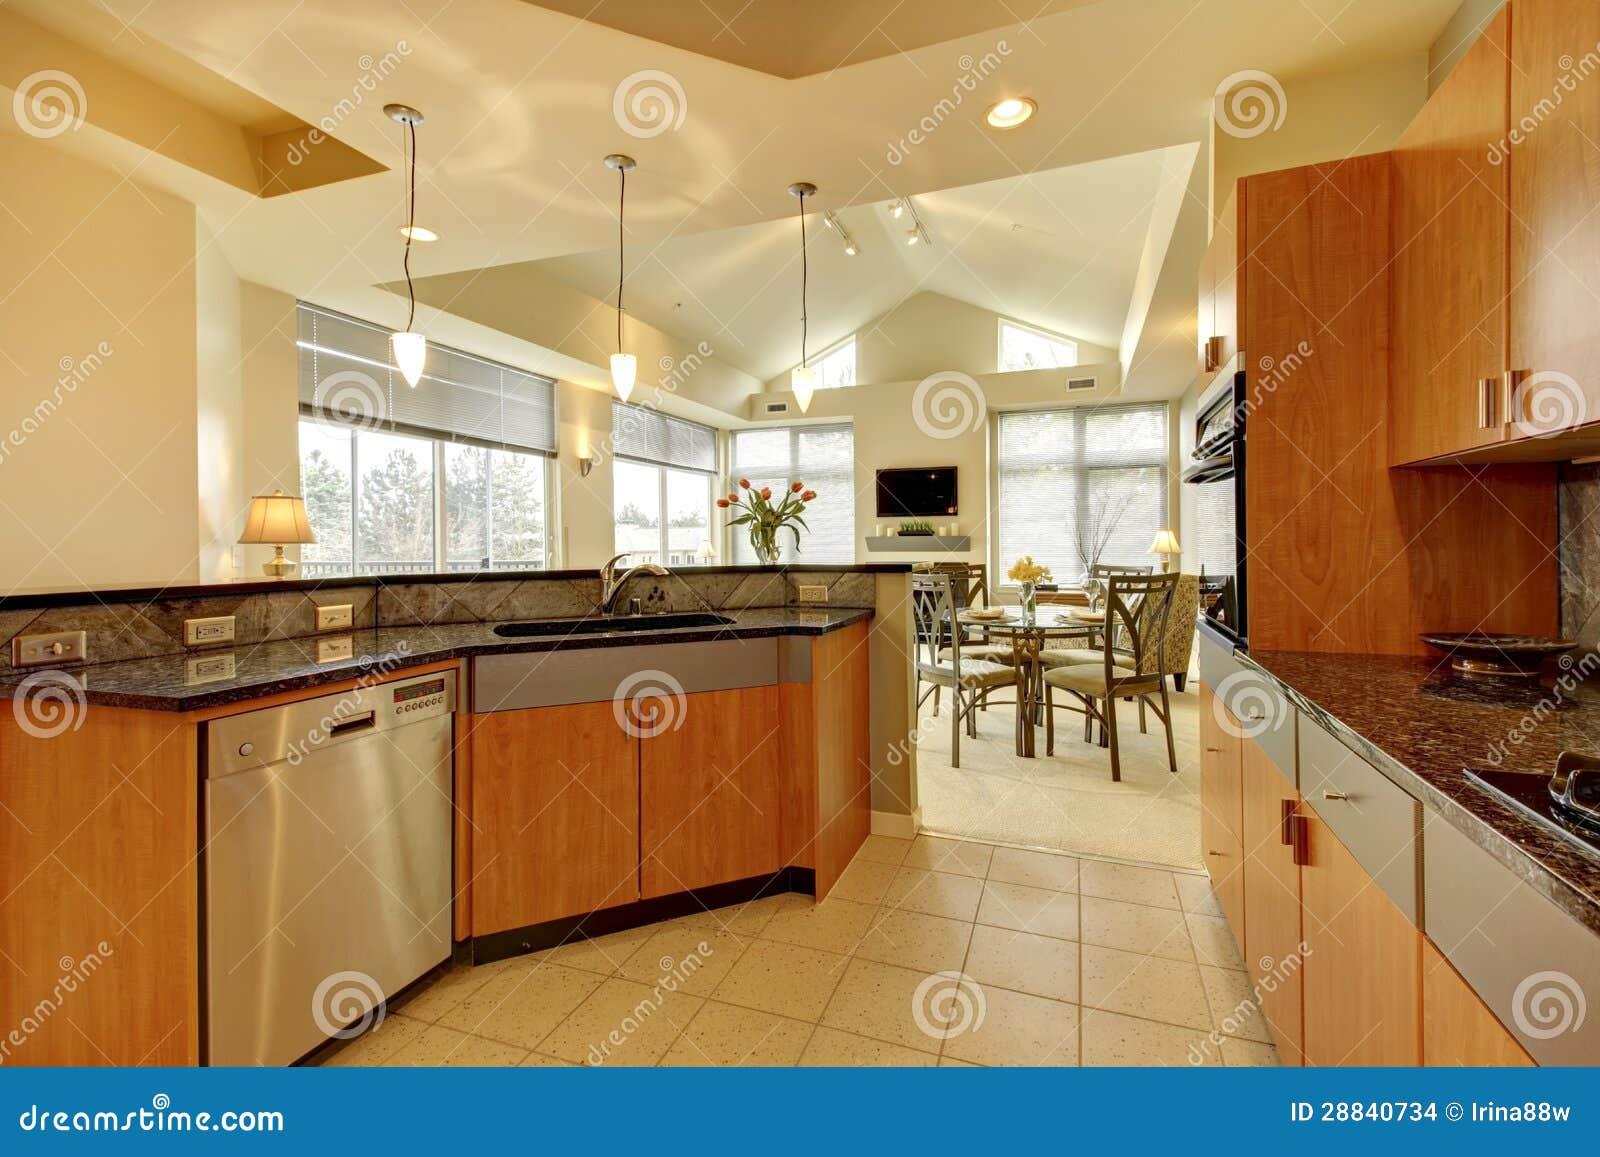 Wielka nowożytna drewniana kuchnia z żywym pokojem i wysokim sufitem.